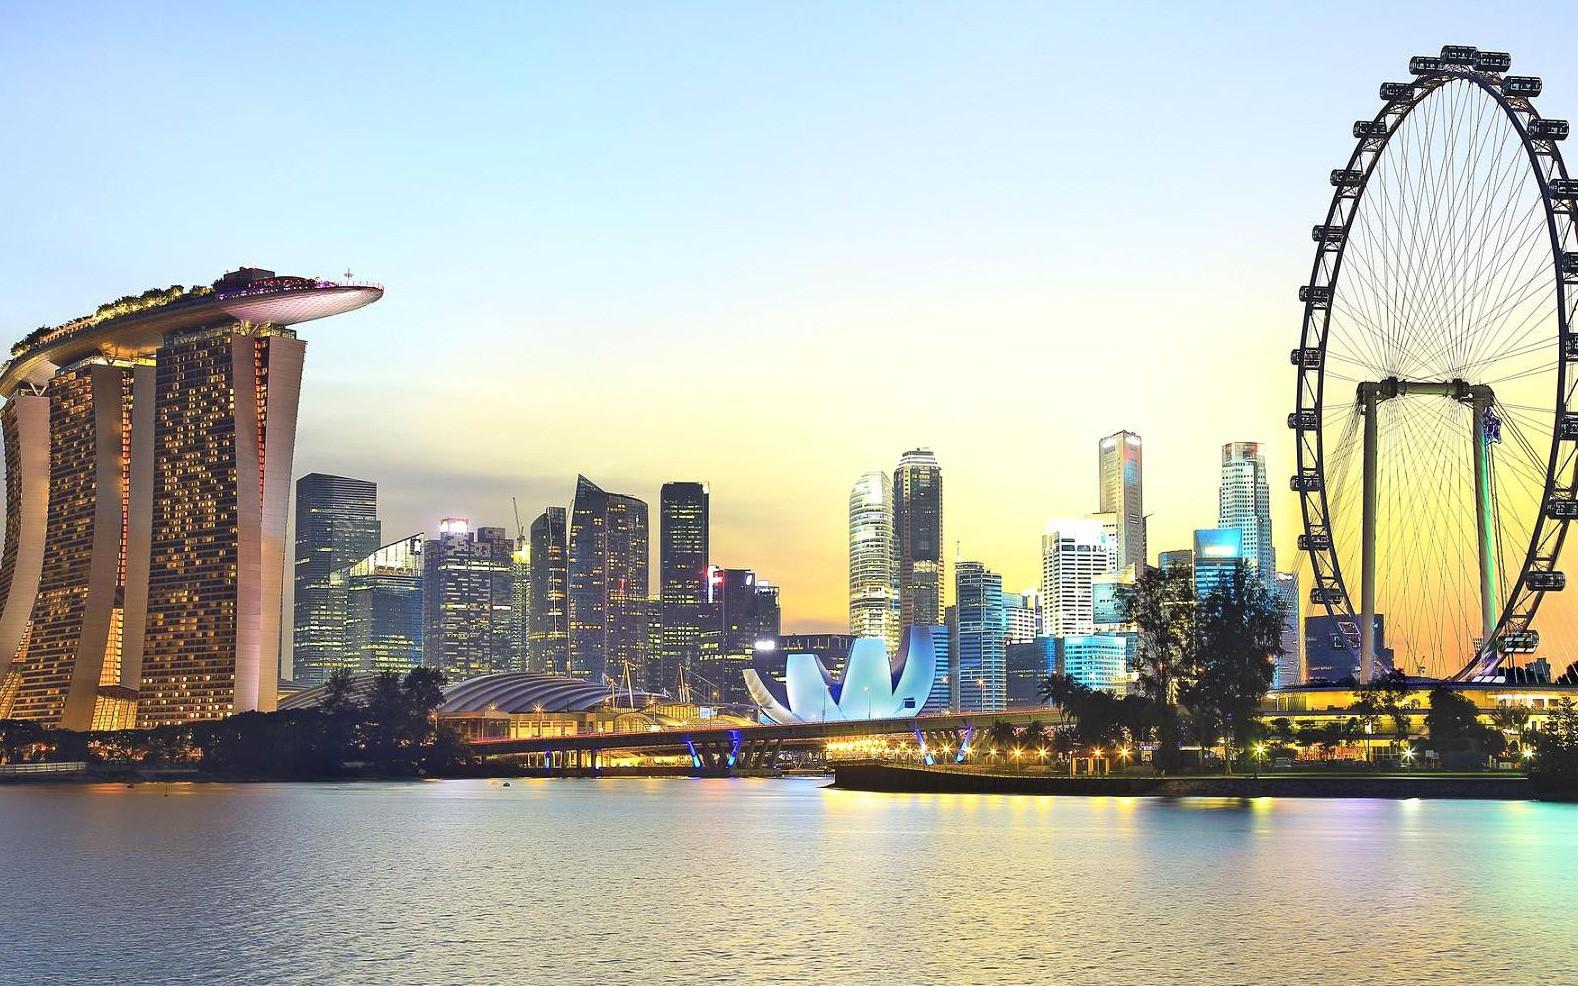 Những người thích chất lượng sống ở Singapore sẽ phải nghĩ lại khi biết tin này!